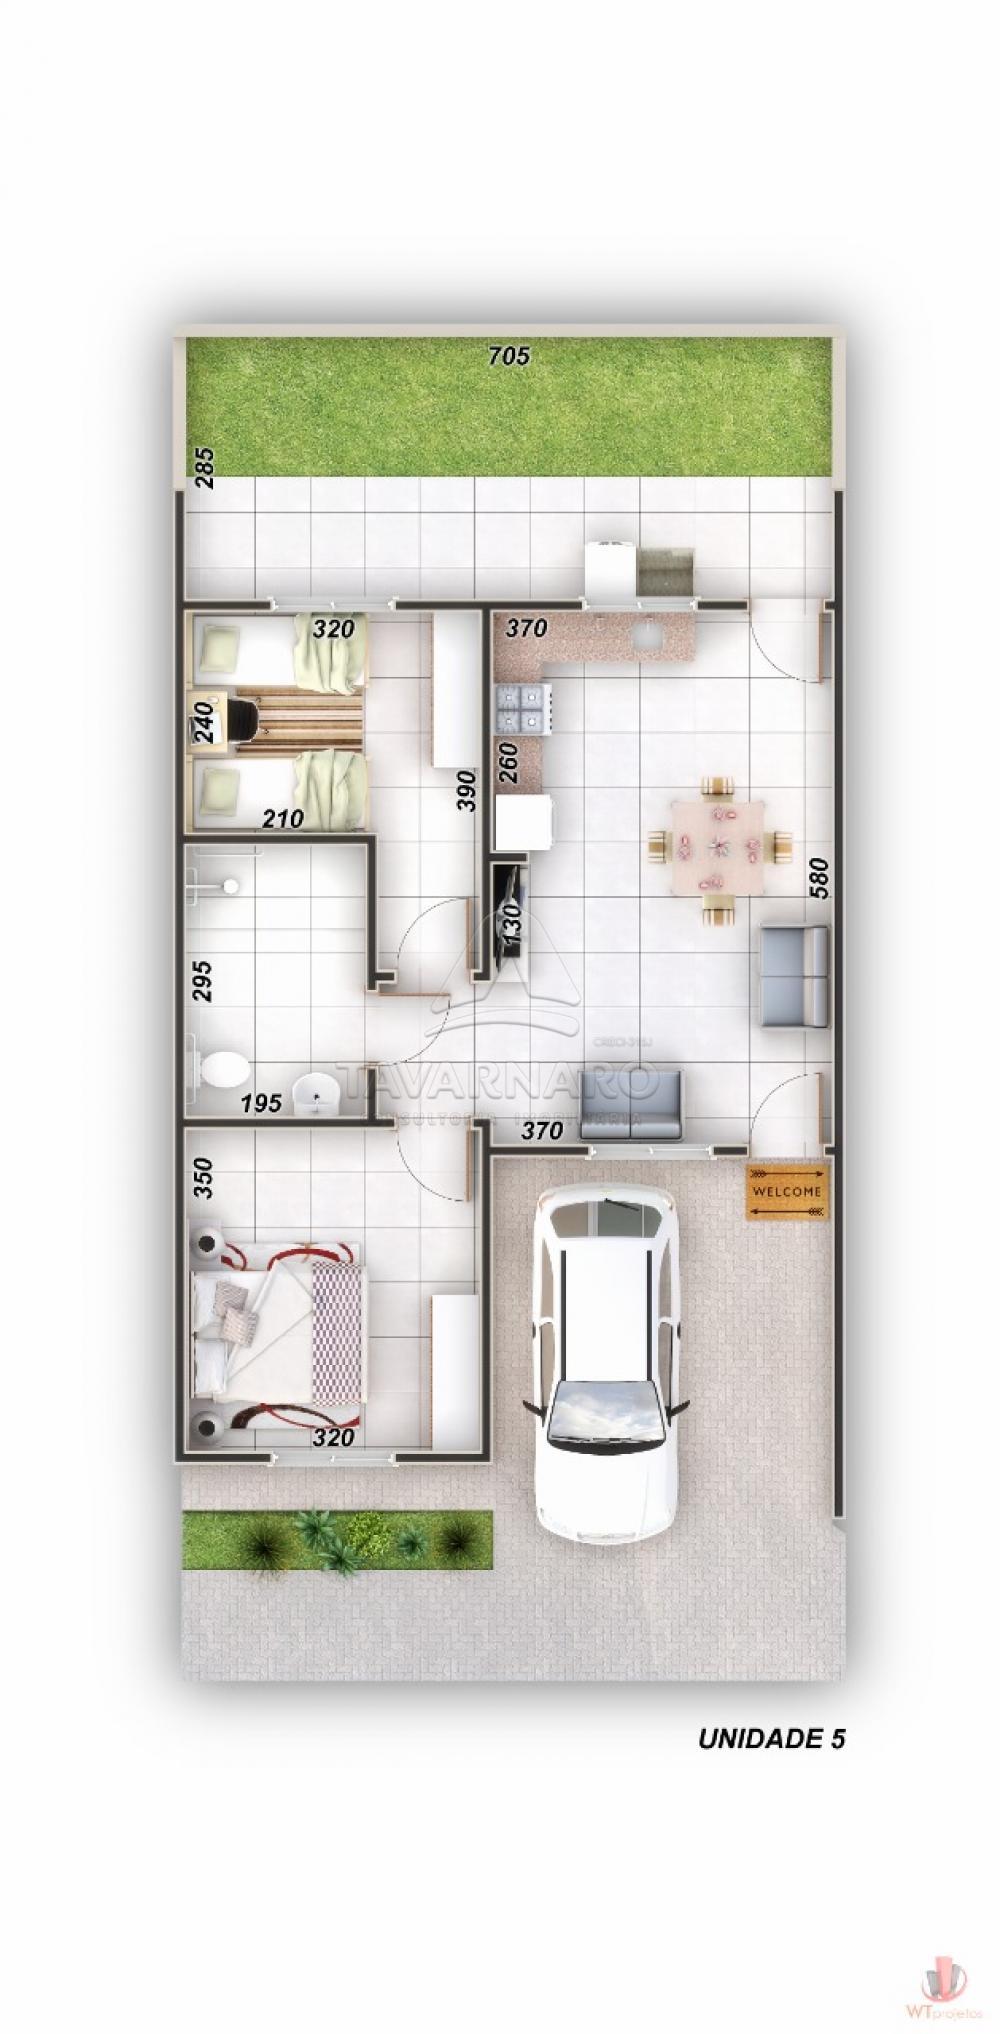 Comprar Casa / Condomínio em Ponta Grossa apenas R$ 160.000,00 - Foto 1